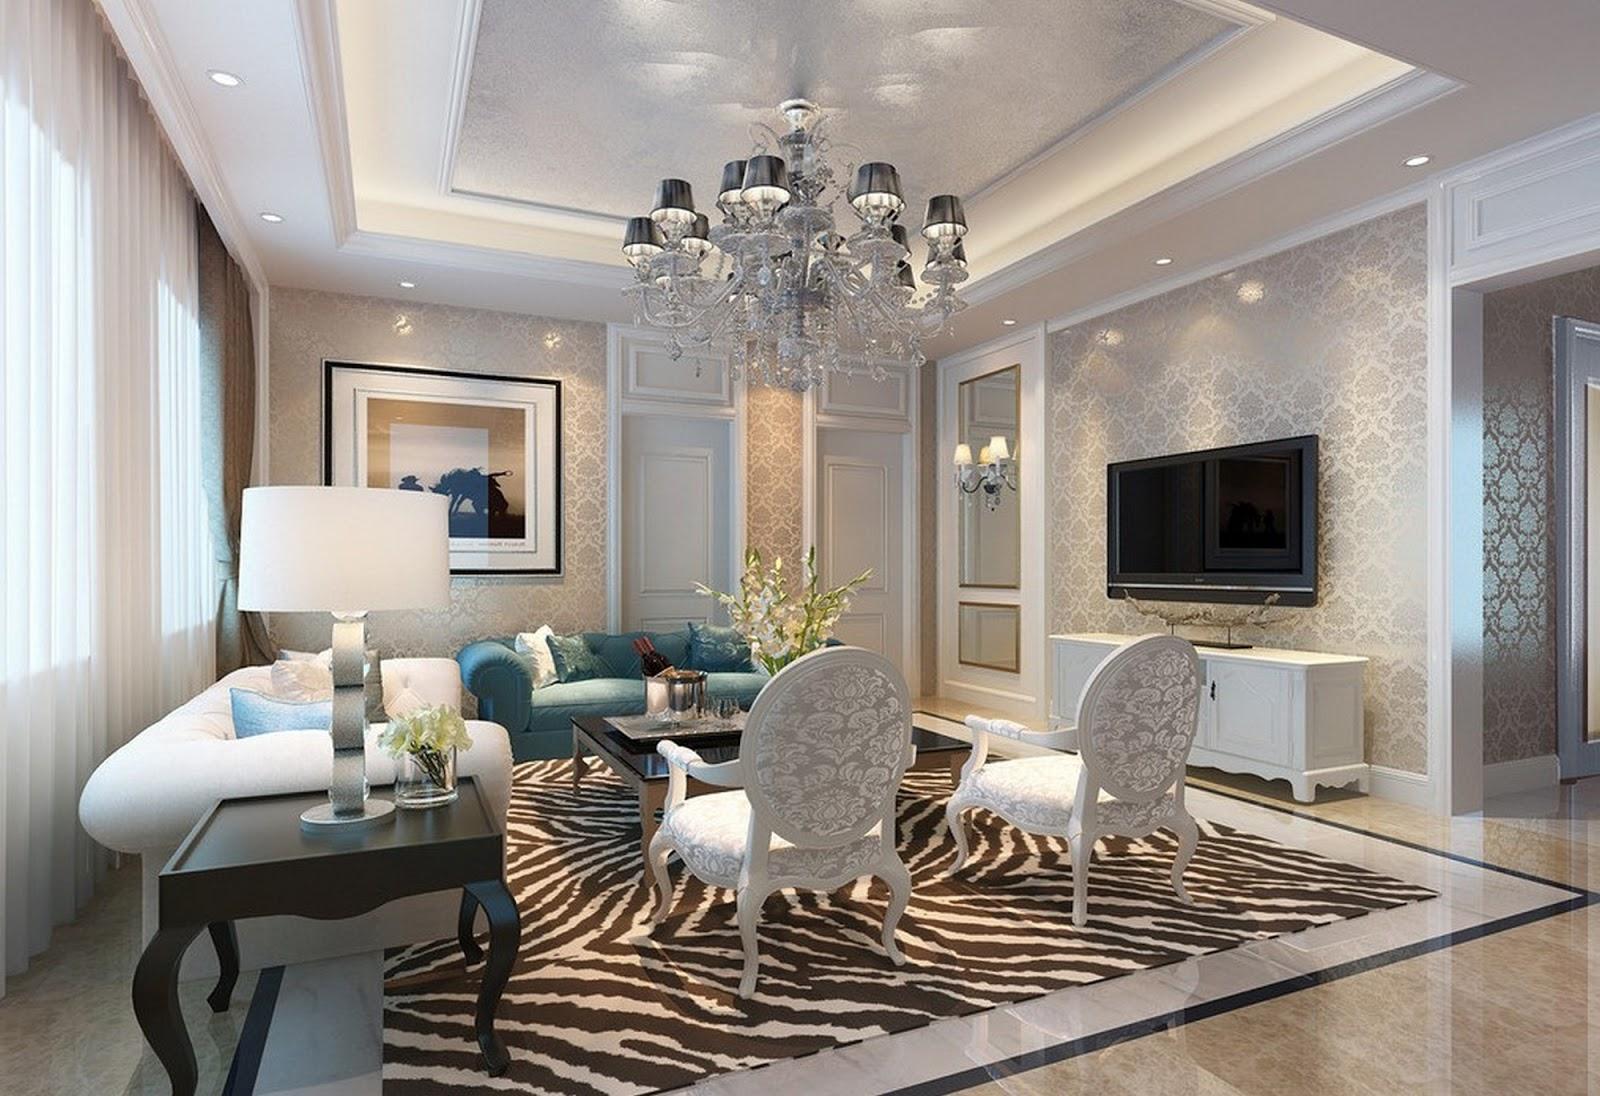 Trend Desain Ruang Keluarga Mewah Yang Keren Interior Rumah Minimalis